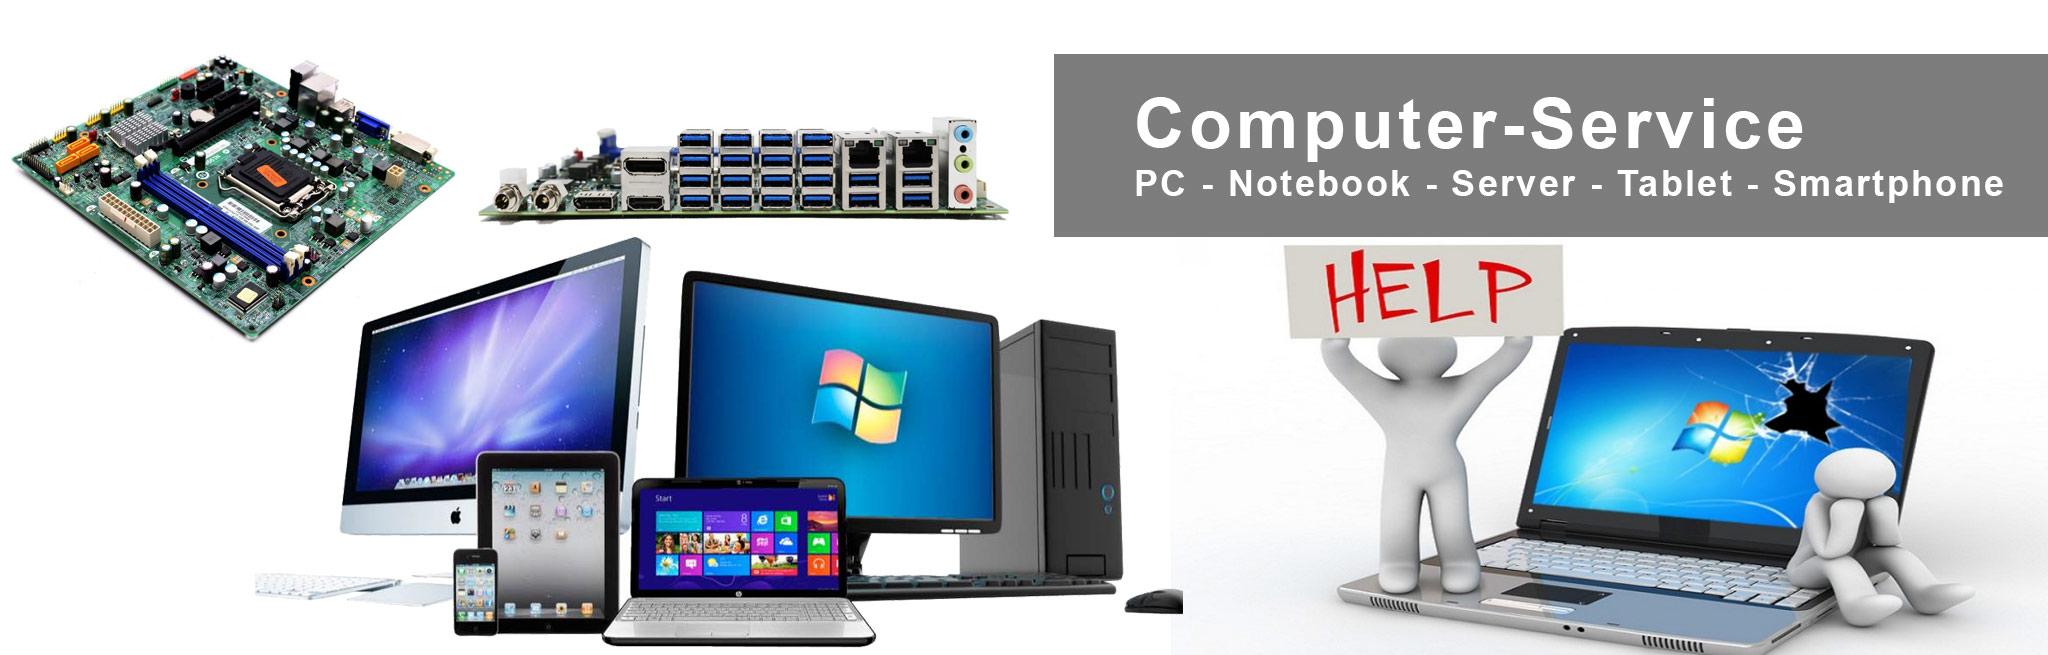 Service für PC, Laptop, Notebook, Server, Tablet und Apple Produkte.